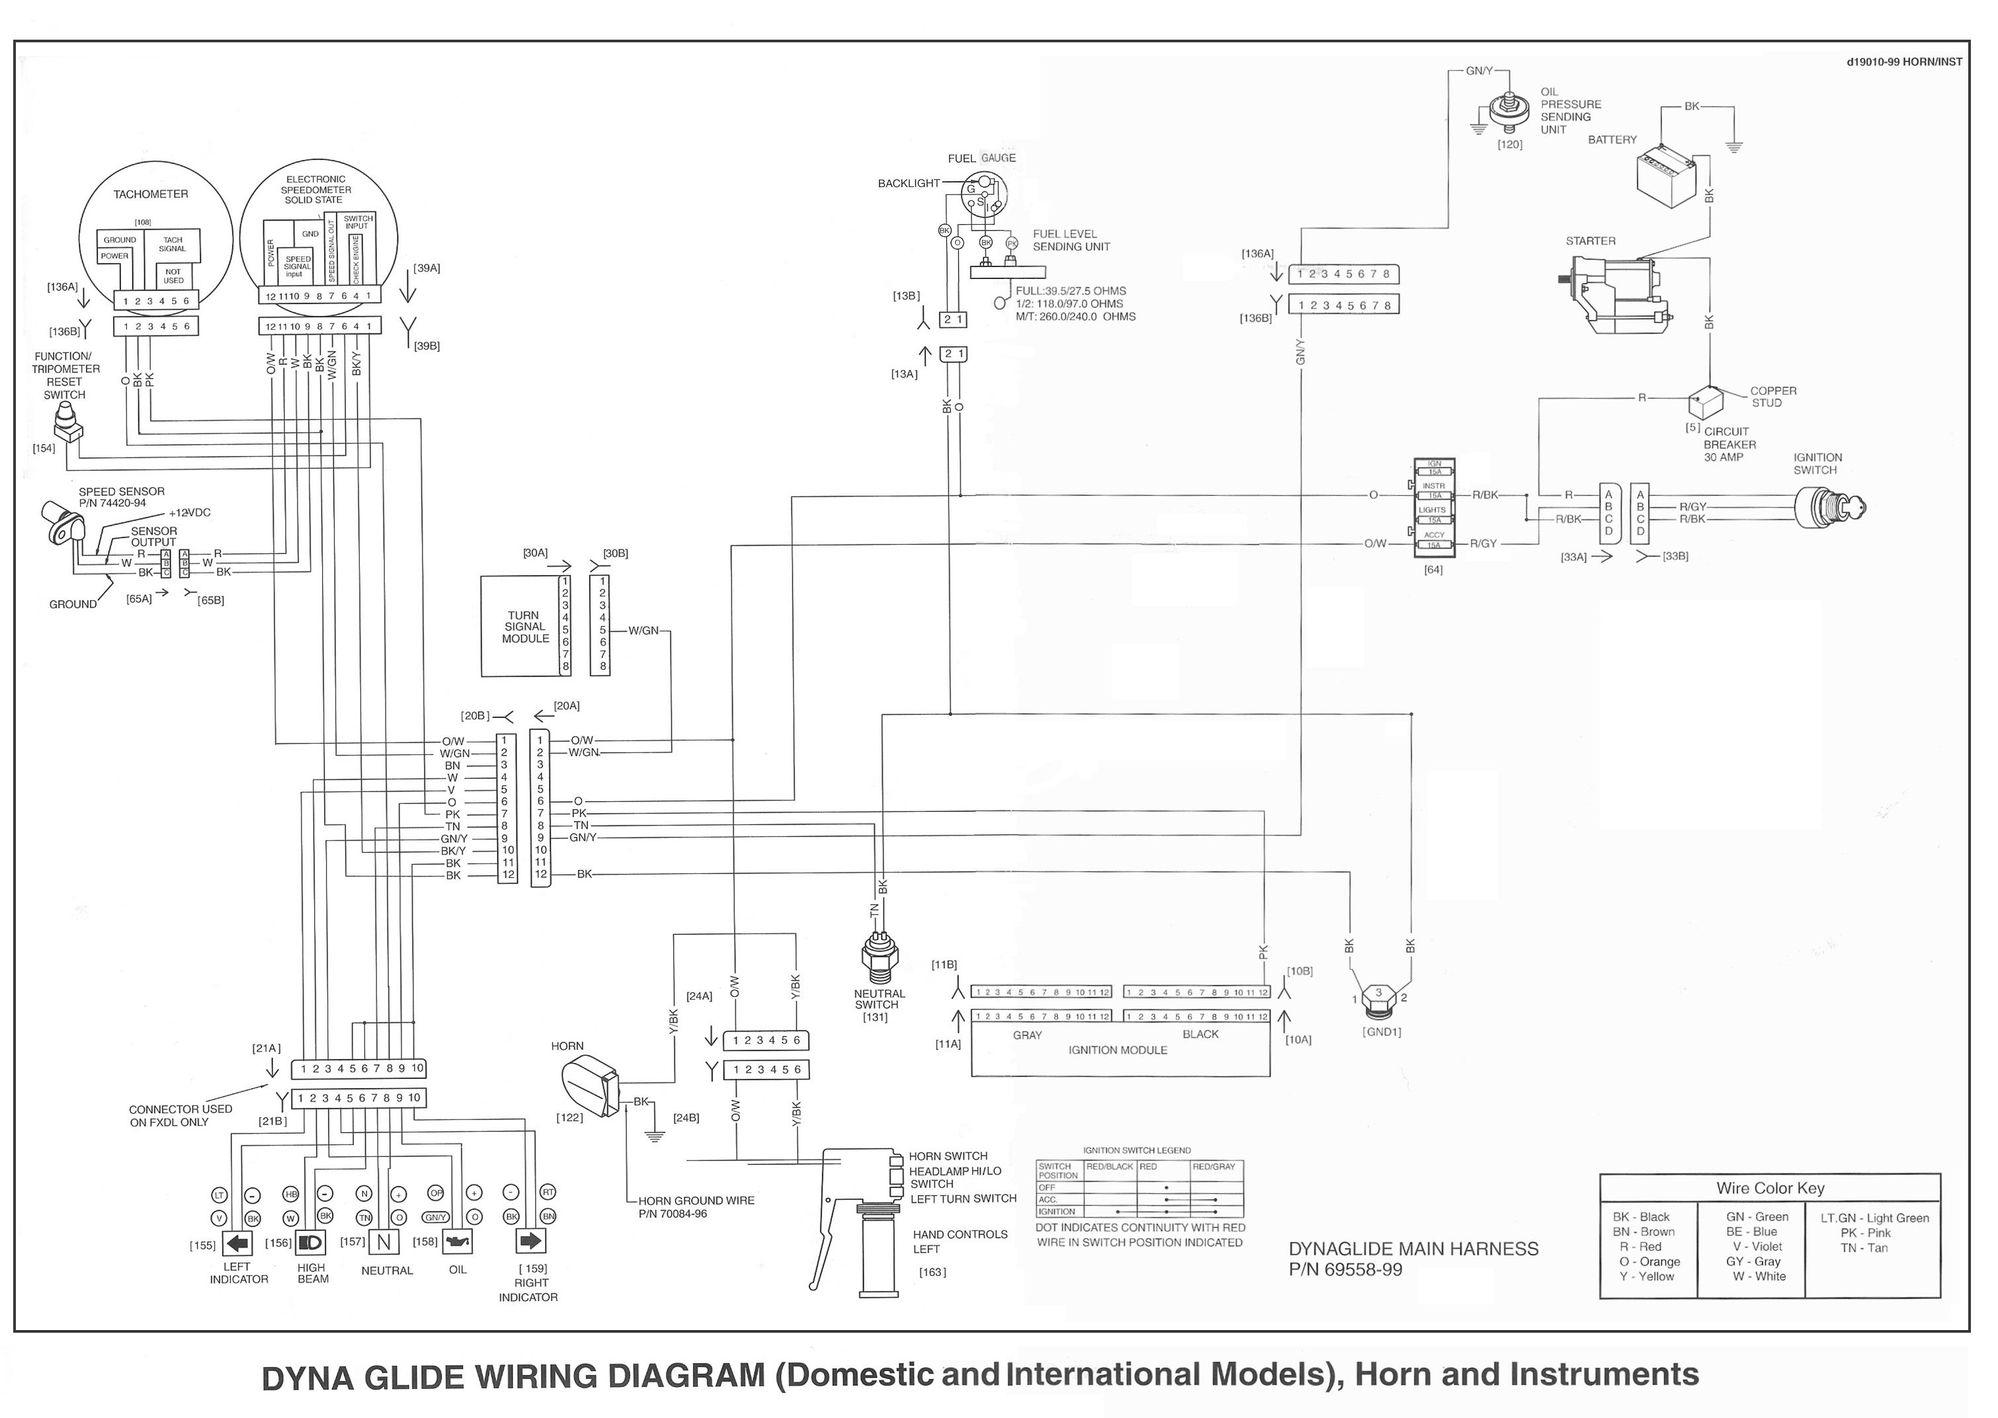 1997 Dyna Wiring Diagram - Wiring Diagram Schema - Harley Handlebar Wiring Diagram